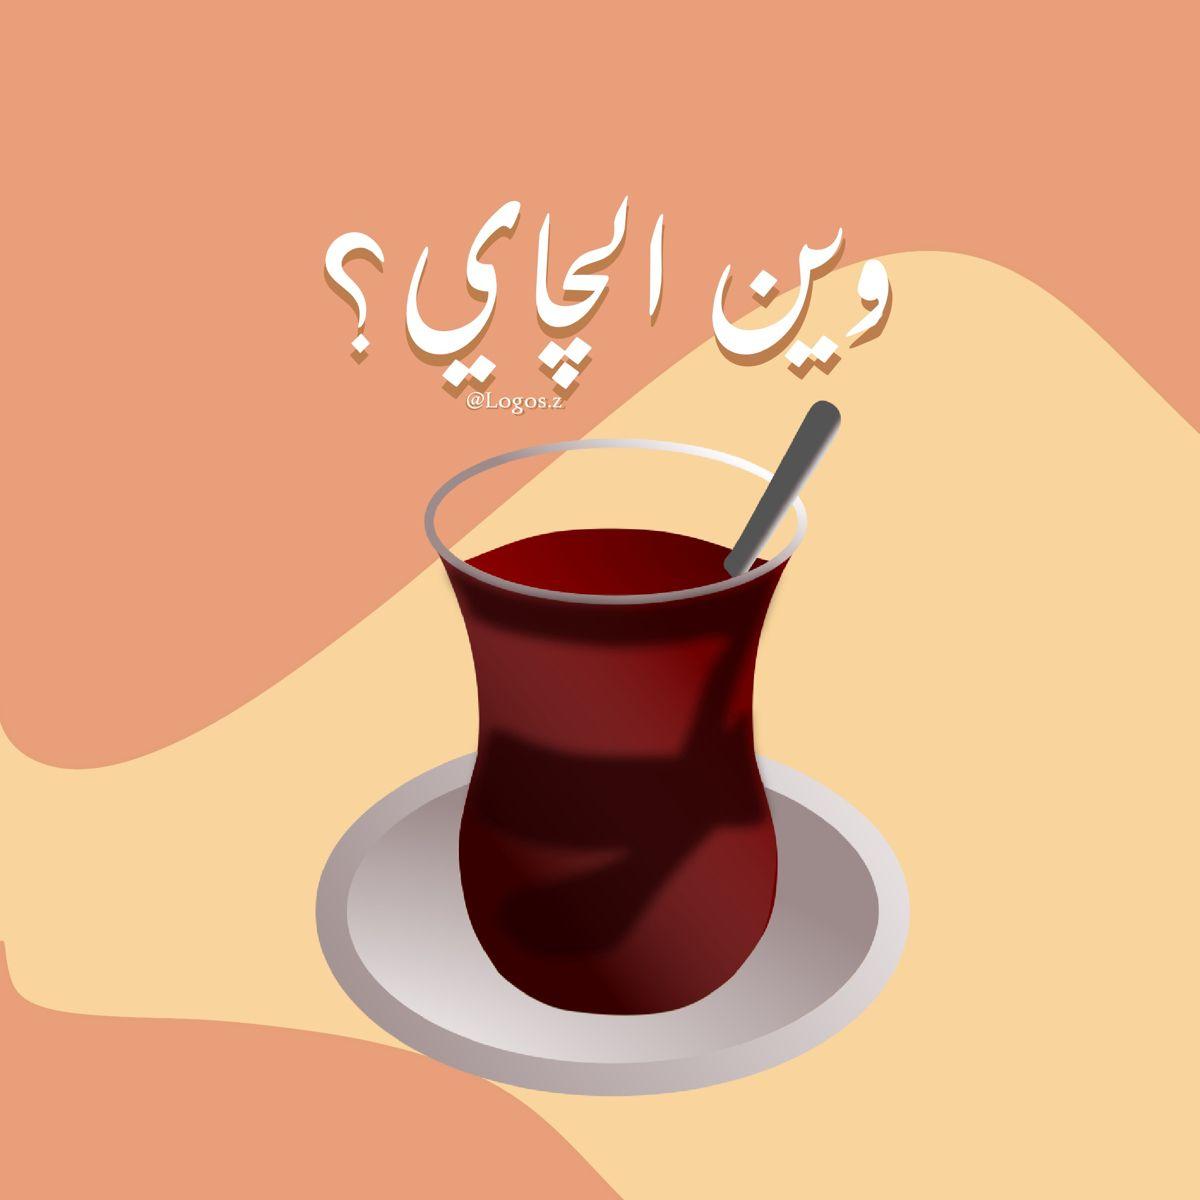 ثيم شاي ثيمات الشتاء ثيمات مخيم In 2021 Phone Wallpaper Images Islamic Quotes Wallpaper Wallpaper Quotes